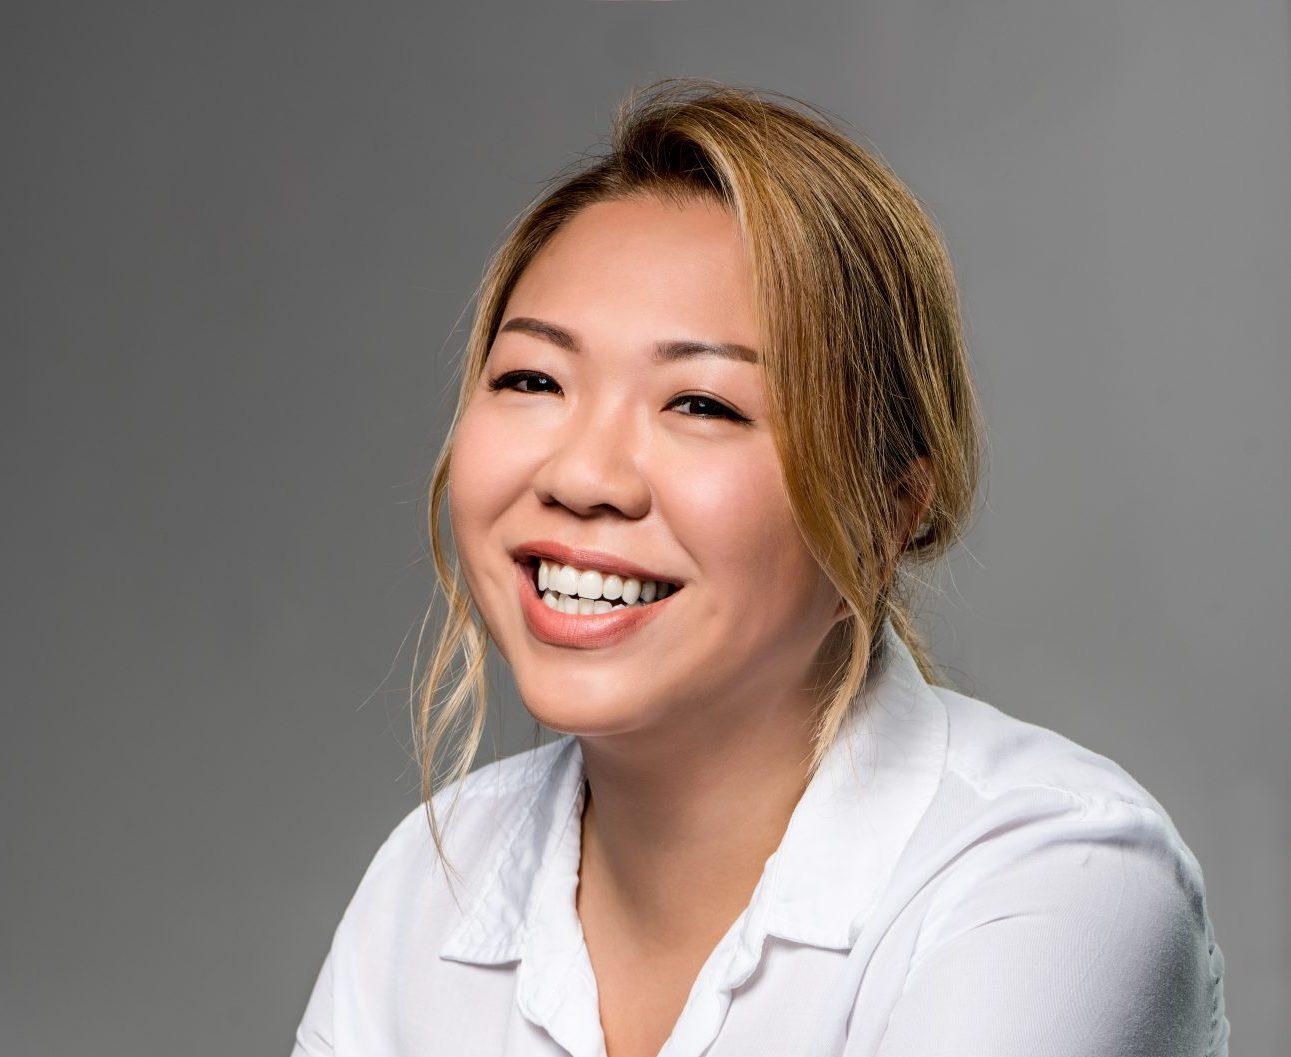 Yvonne Lo Tech Entrepreneurs